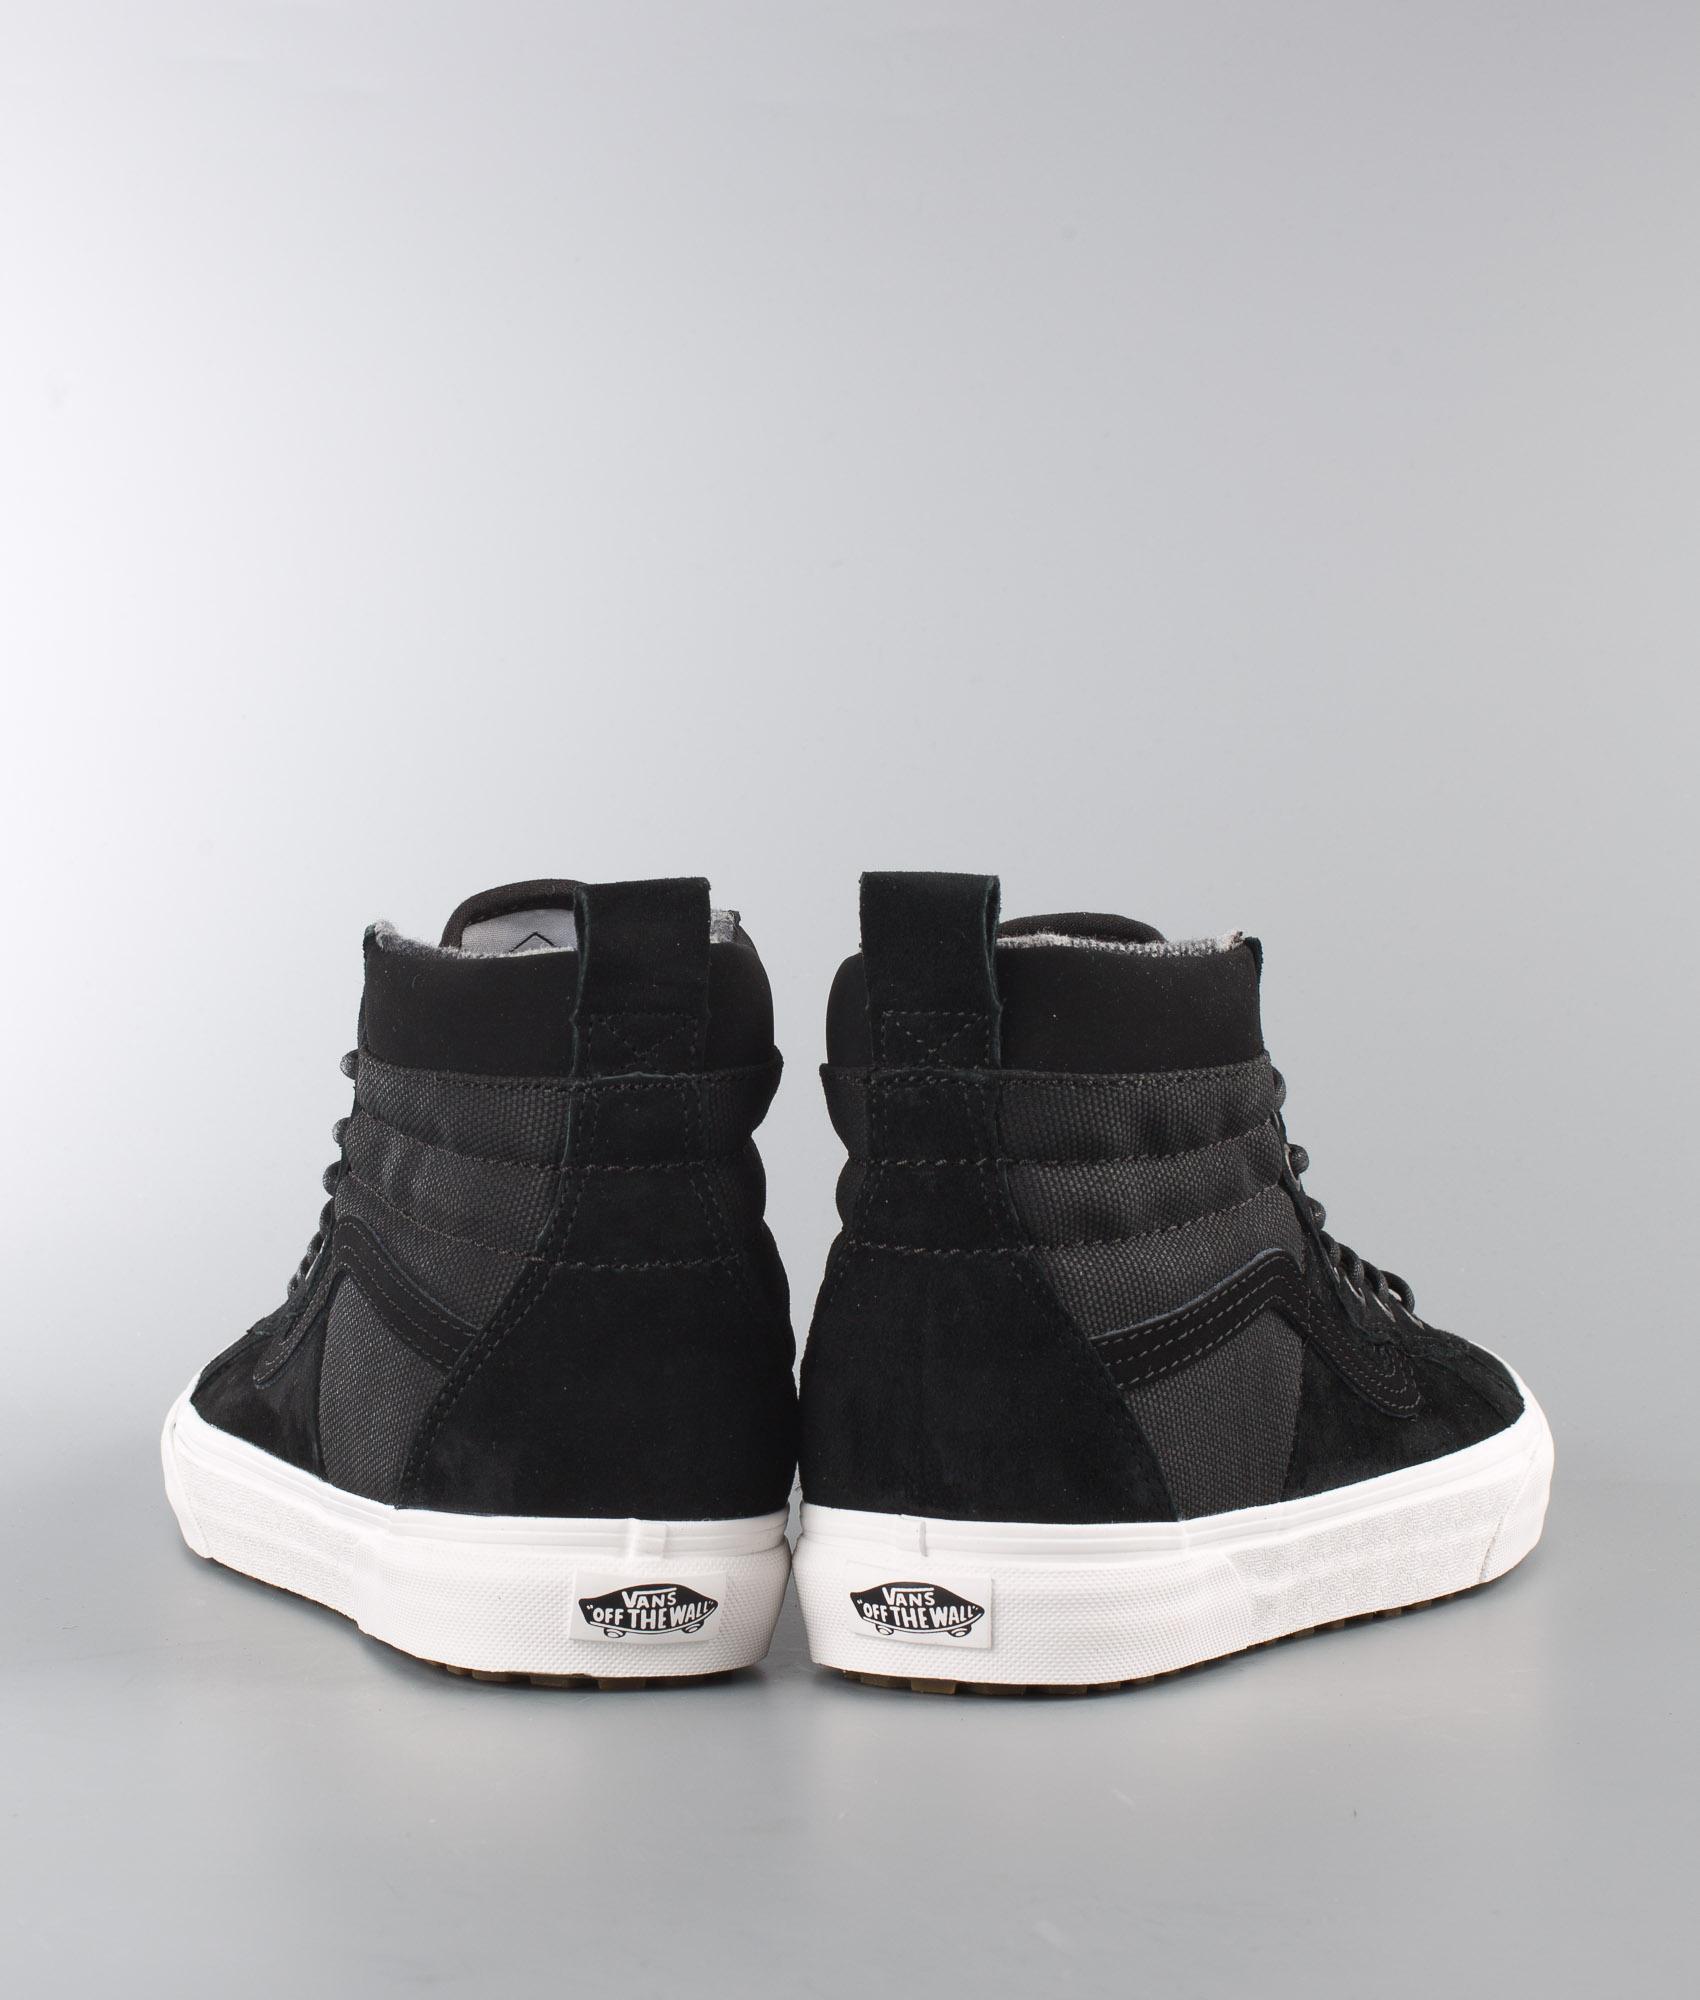 Vans Sk8 Hi 46 Mte Dx Chaussures (Mte) BlackFlannel